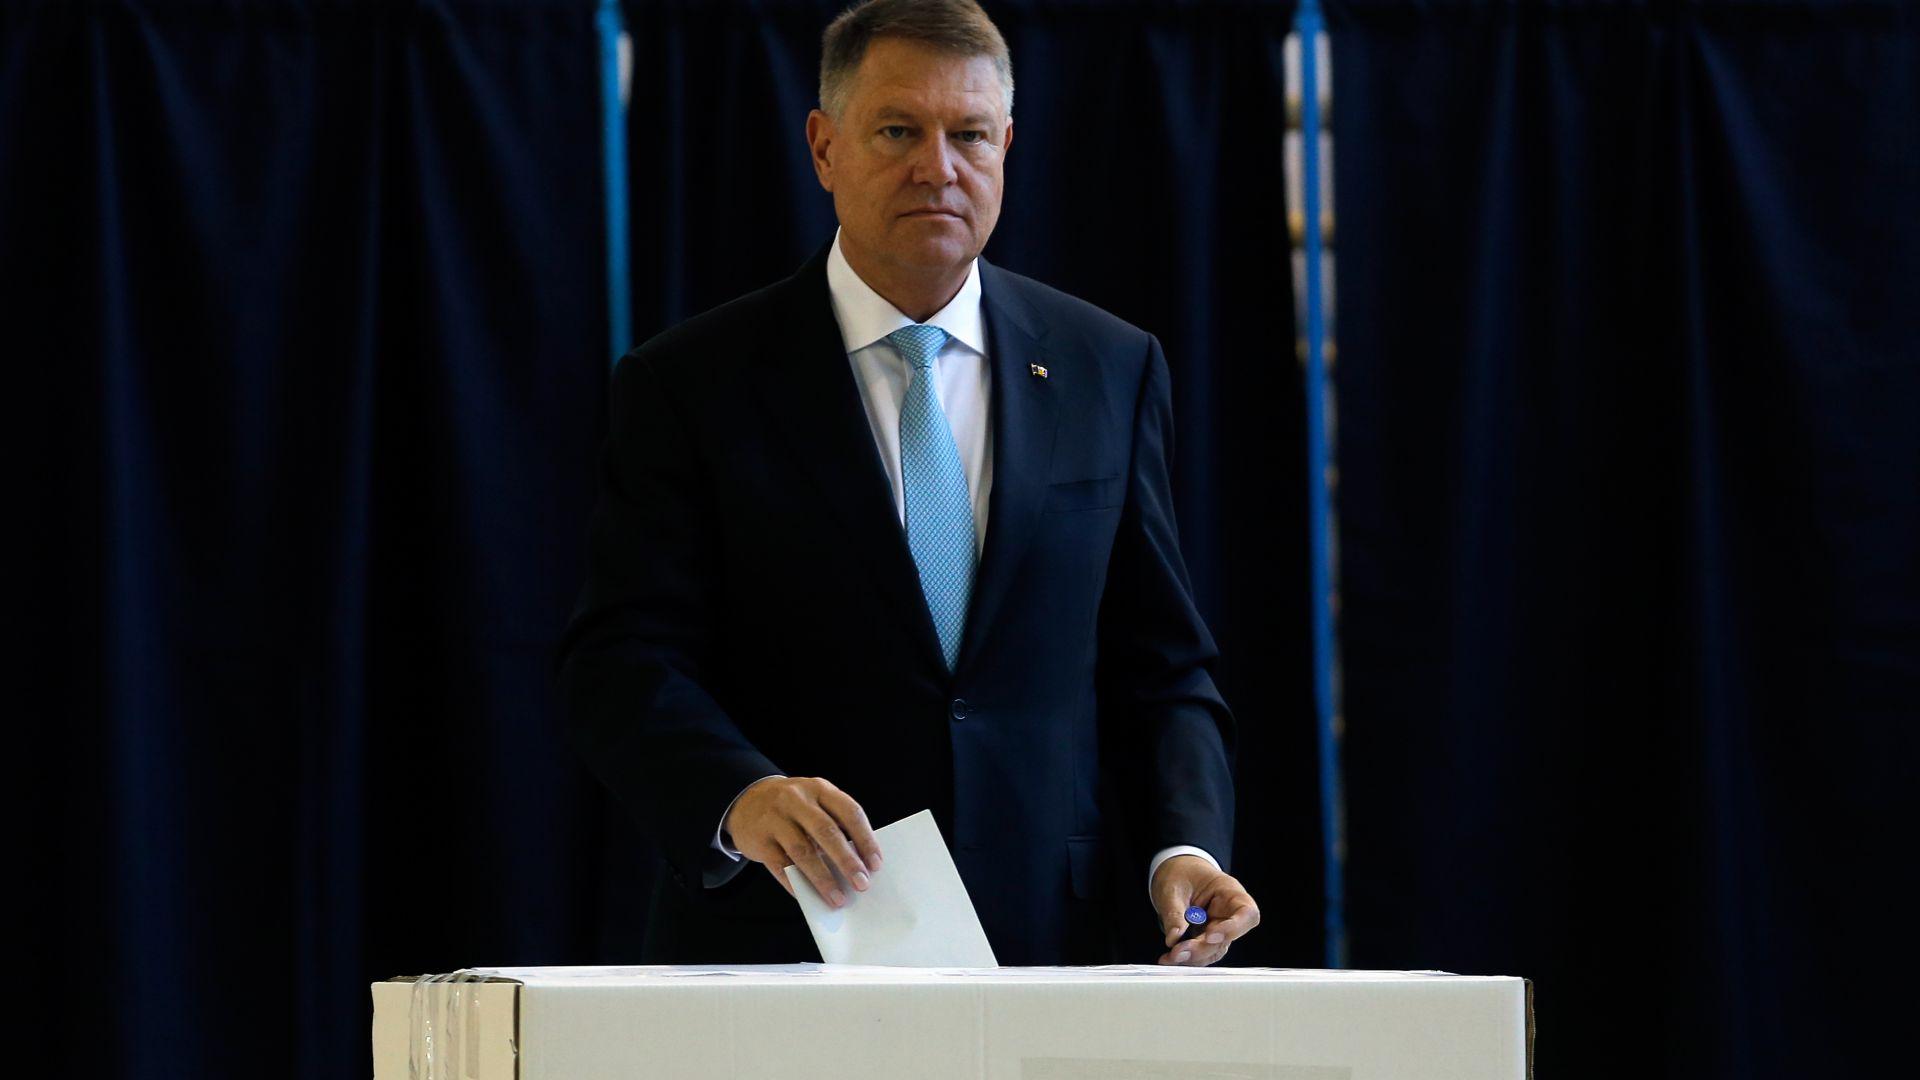 Румънският президент Клаус Йоханис положи клетва за втори президентски мандат